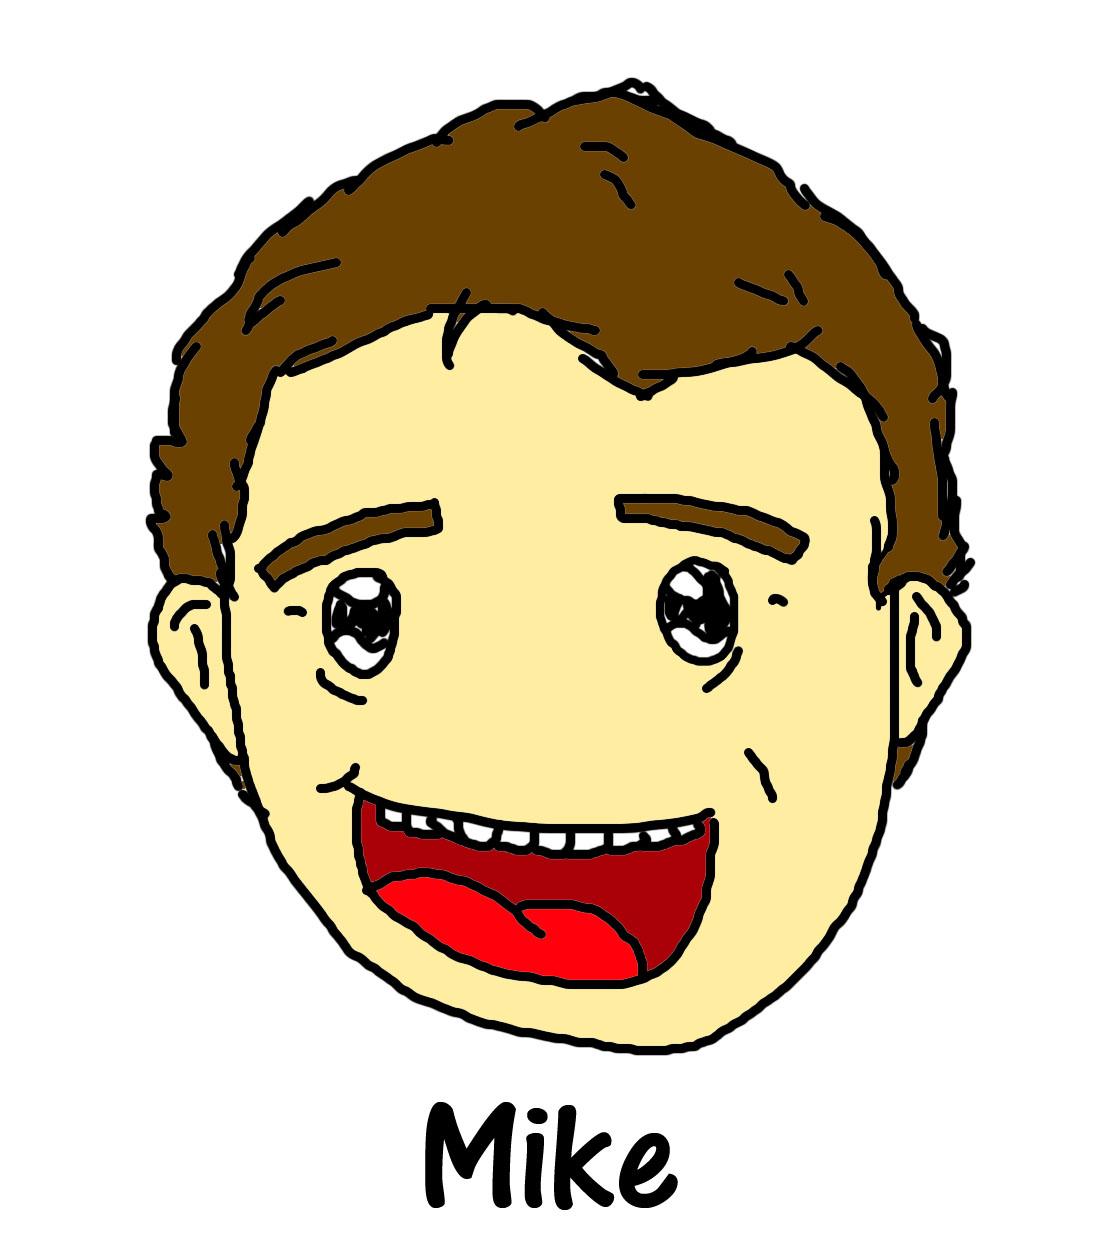 Me but cartooniseded